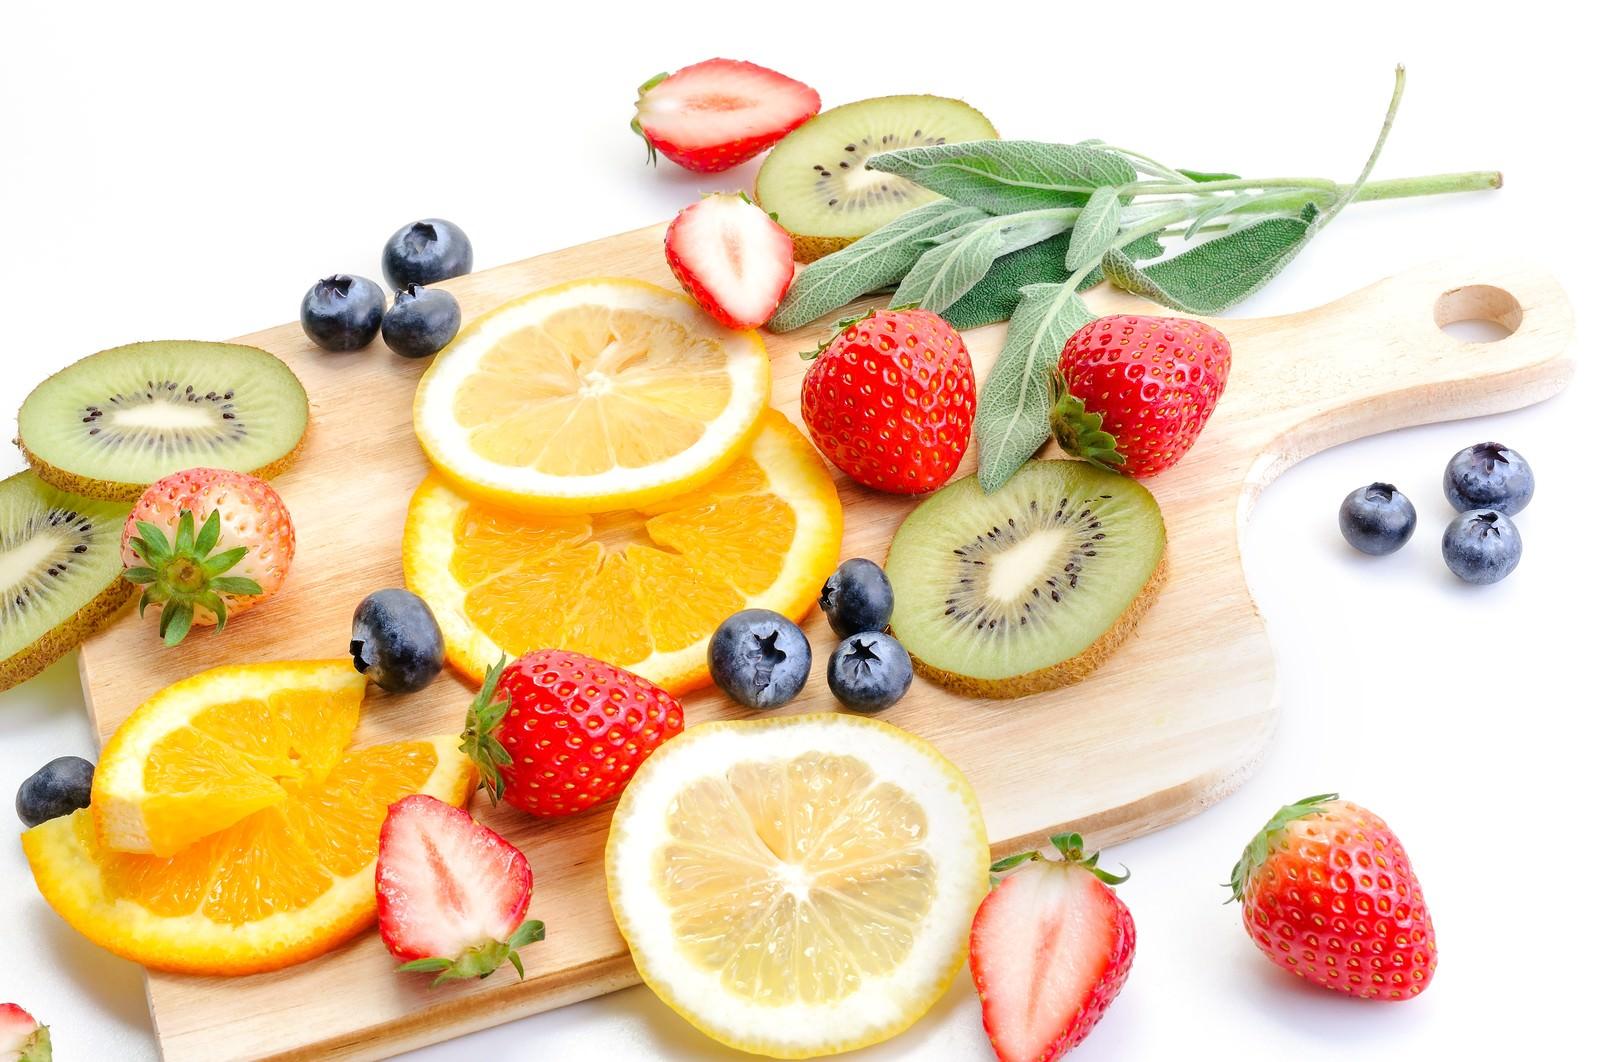 「苺やレモンにキウイなどカットした果物てんこ盛り苺やレモンにキウイなどカットした果物てんこ盛り」のフリー写真素材を拡大